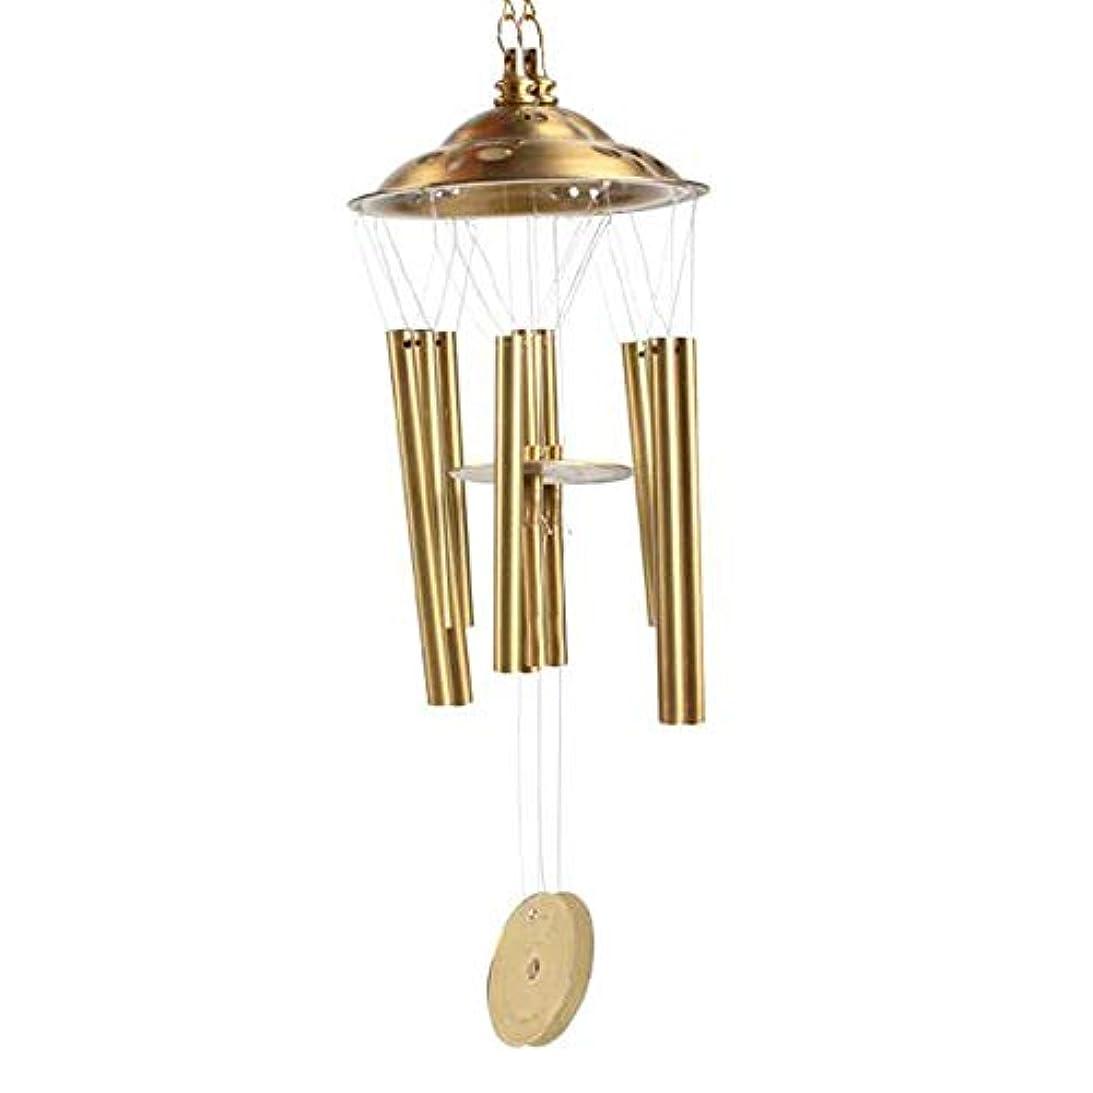 財産焦げミュートHongyuantongxun 風チャイム、銅6チューブ風チャイム、ゴールド、全身約2.5インチ,、装飾品ペンダント (Size : 3 inches)